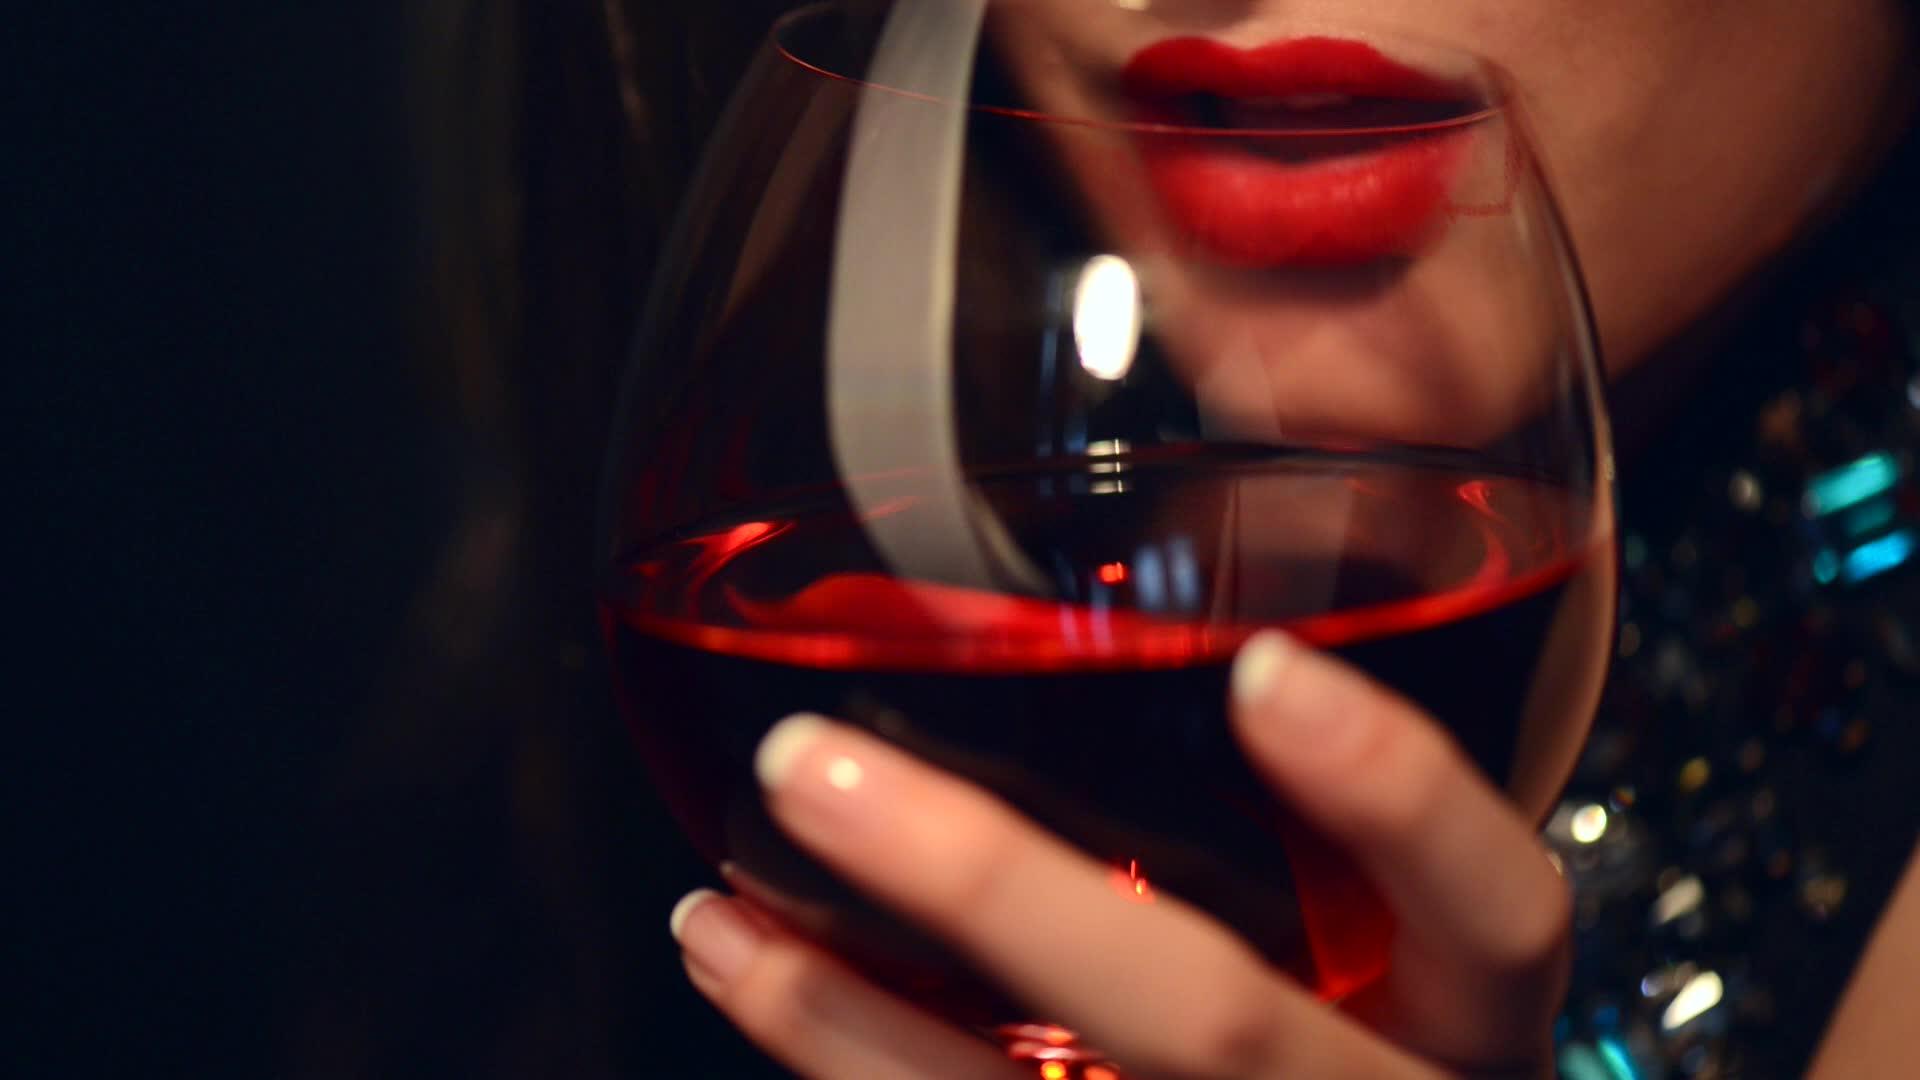 WANITA AKAN TAMPAK LEBIH TUA JIKA SUKA MINUM ALKOHOL